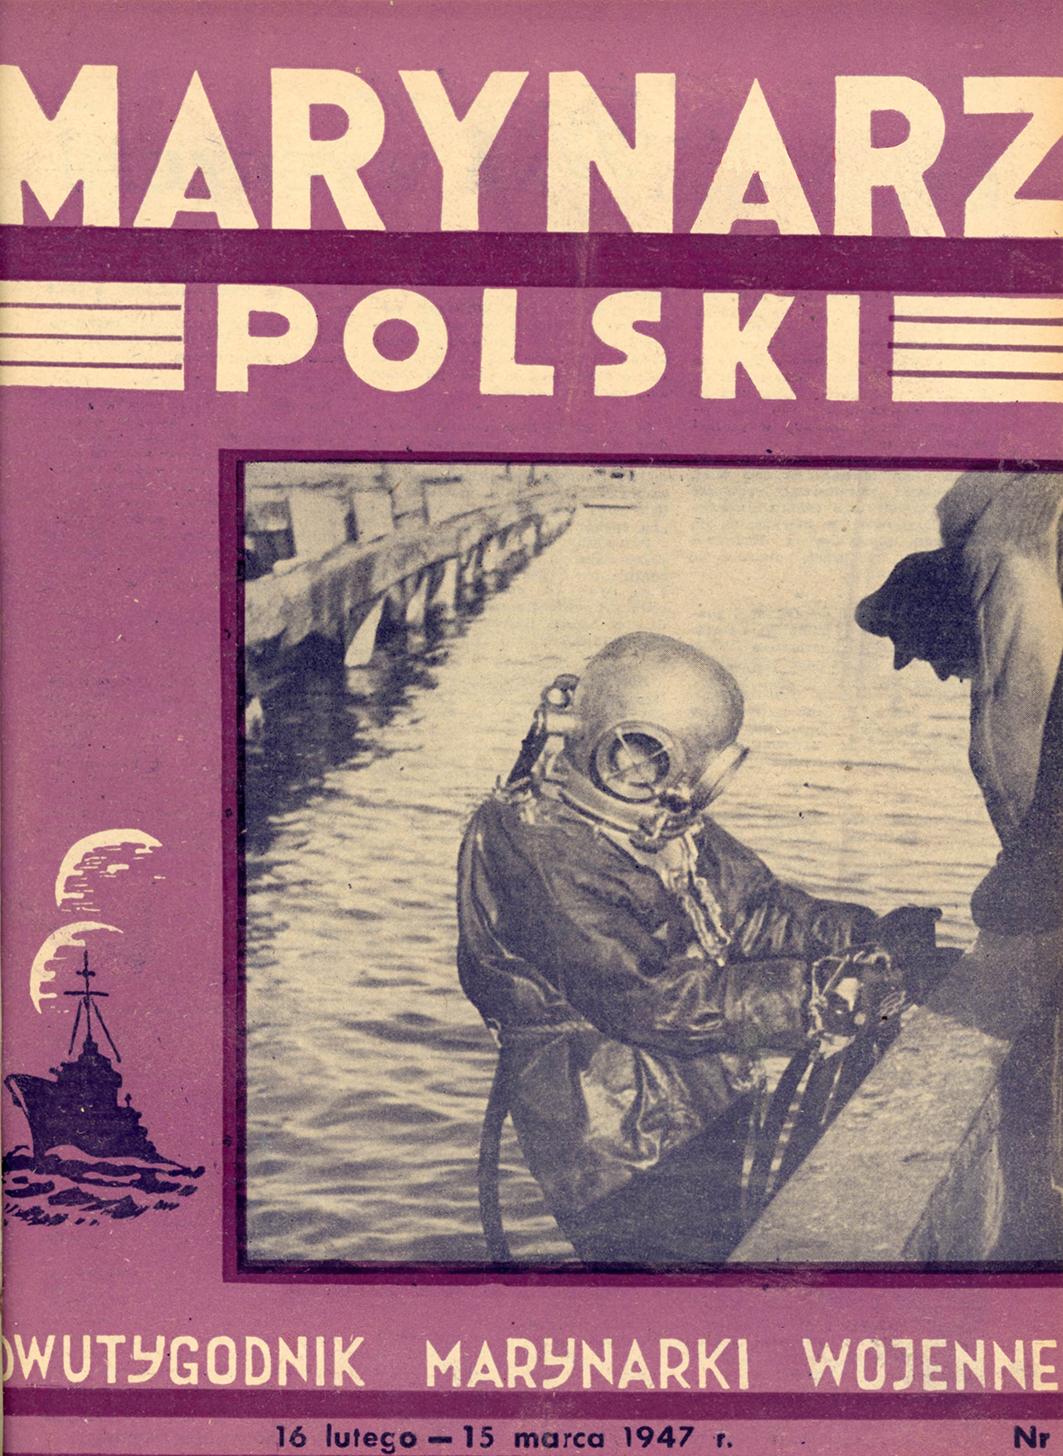 Marynarz Polski : miesięcznik Marynarki Wojennej. - Gdynia : Zarząd Pol.- Wych. Marynarki Wojennej, 1947, 16 - 16 luty - 15 marca